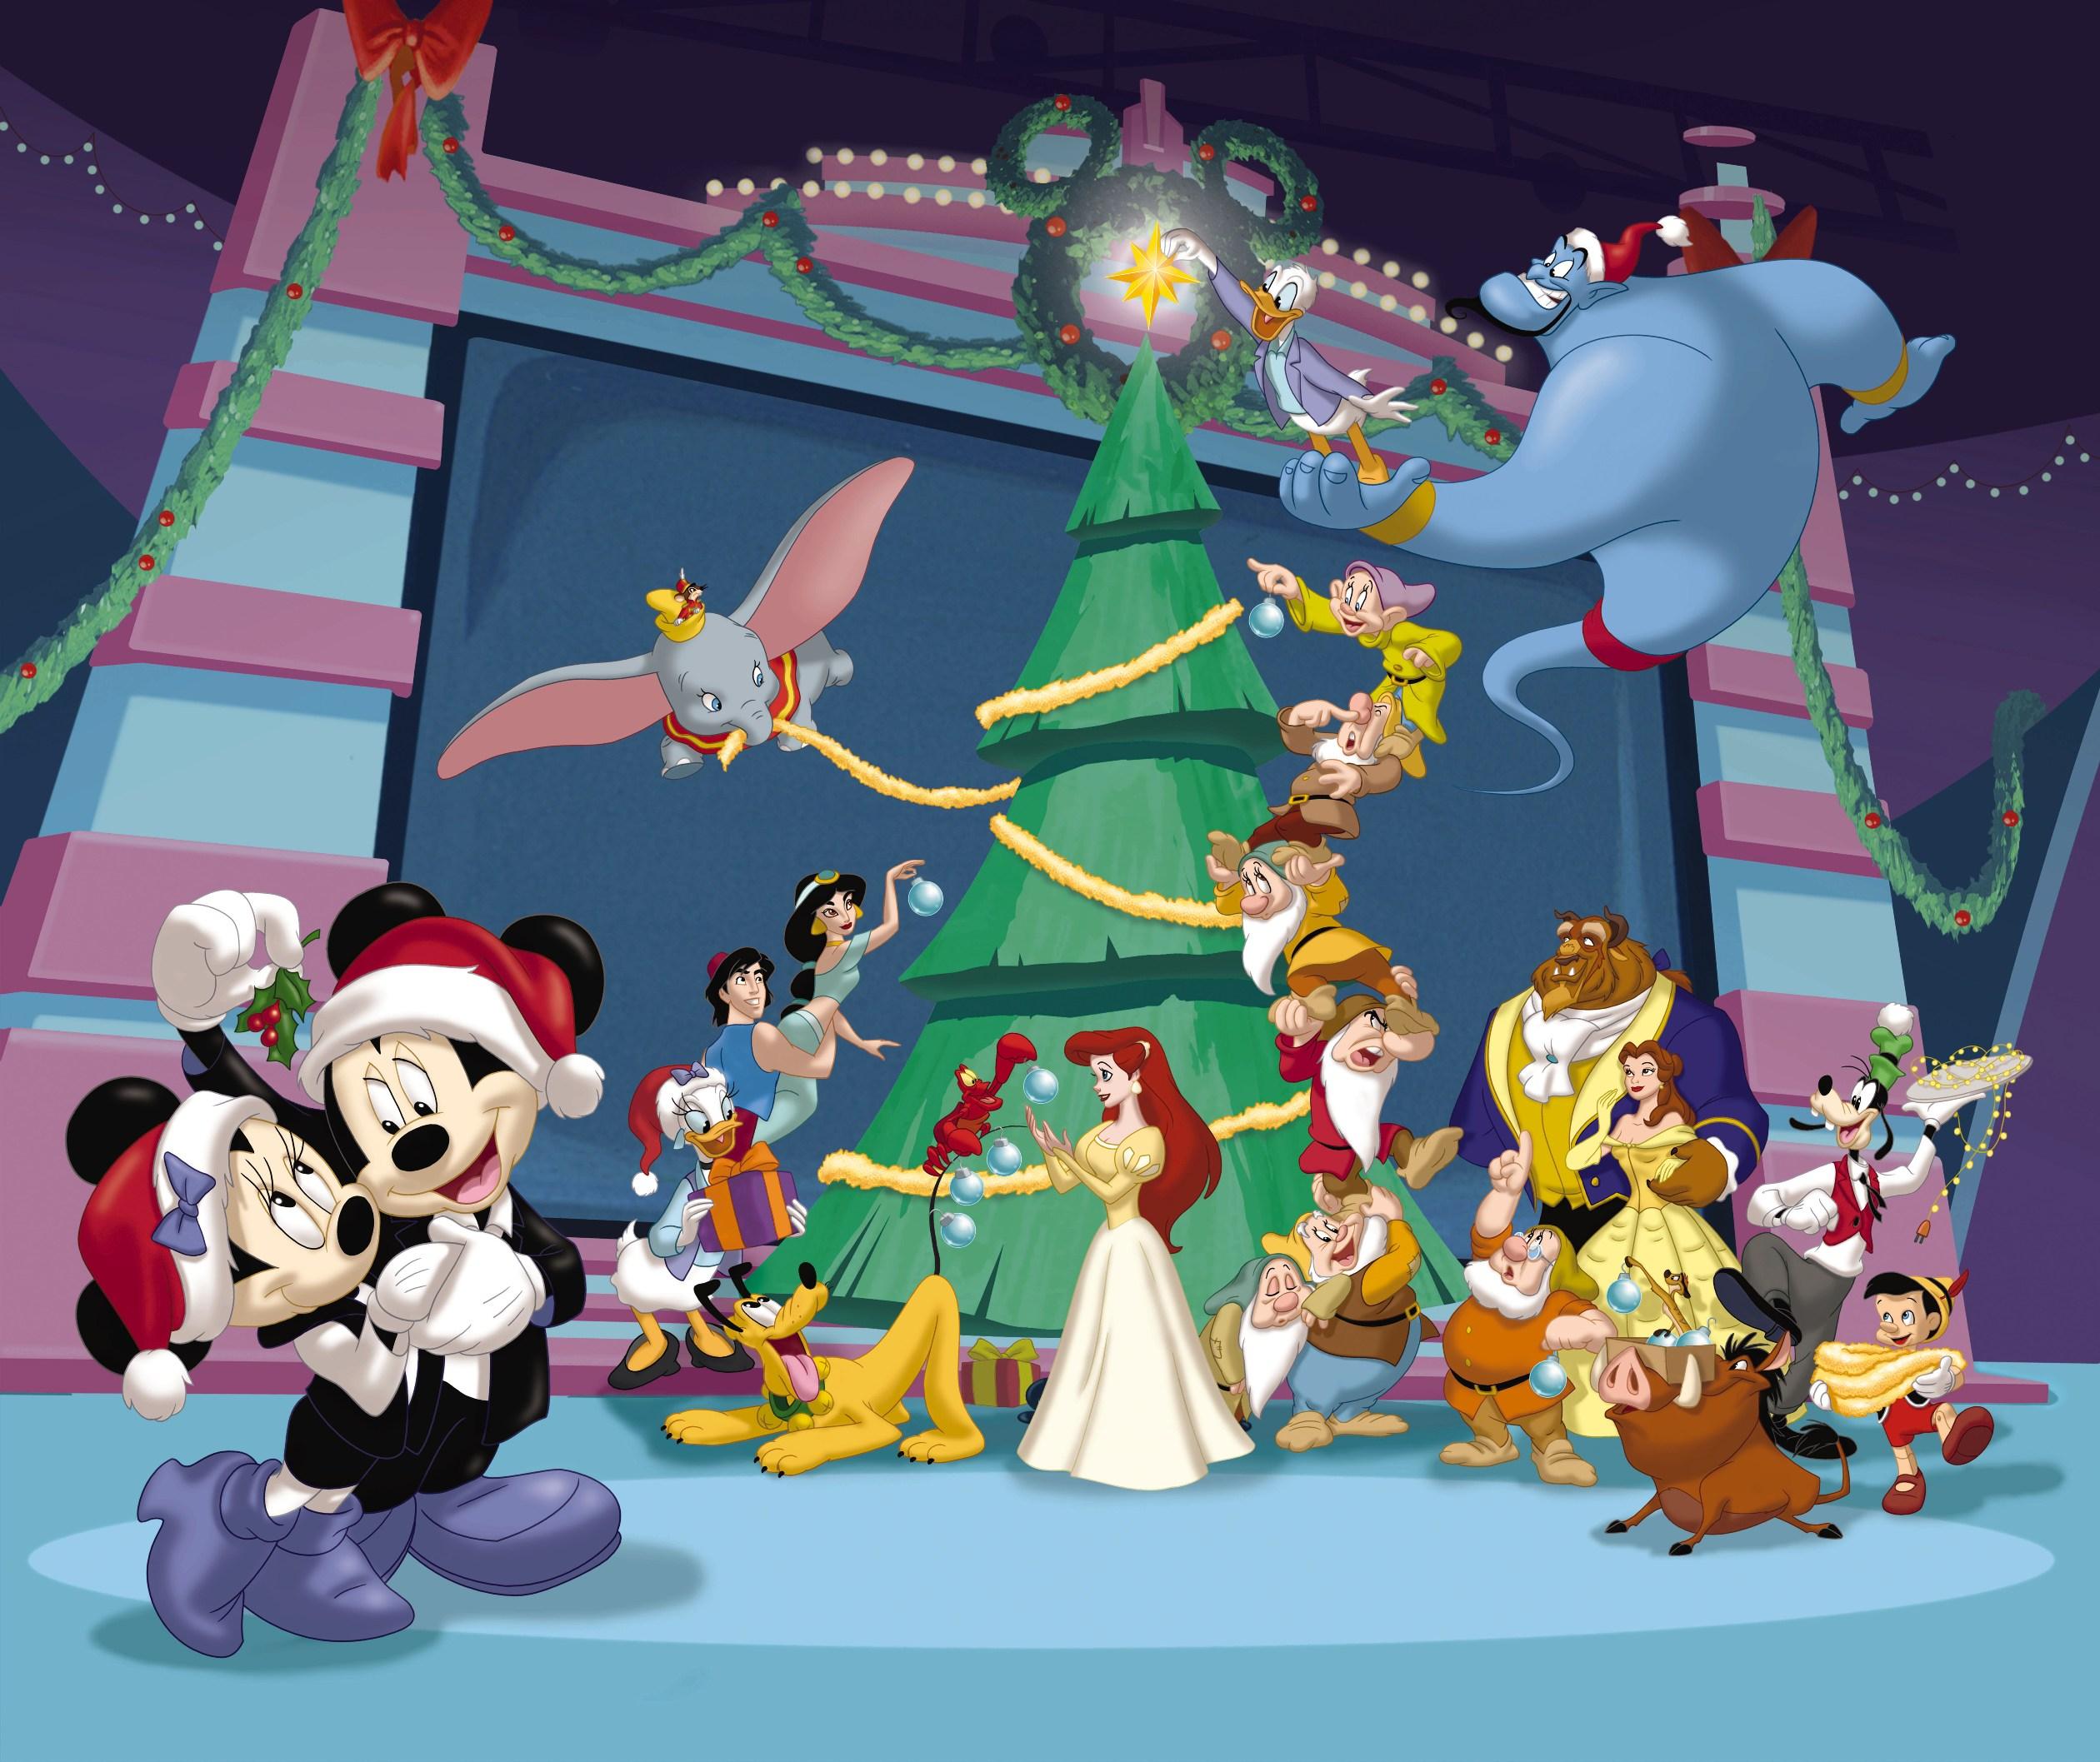 mickeys magical christmas 2 1024x859jpg - Mickey Magical Christmas